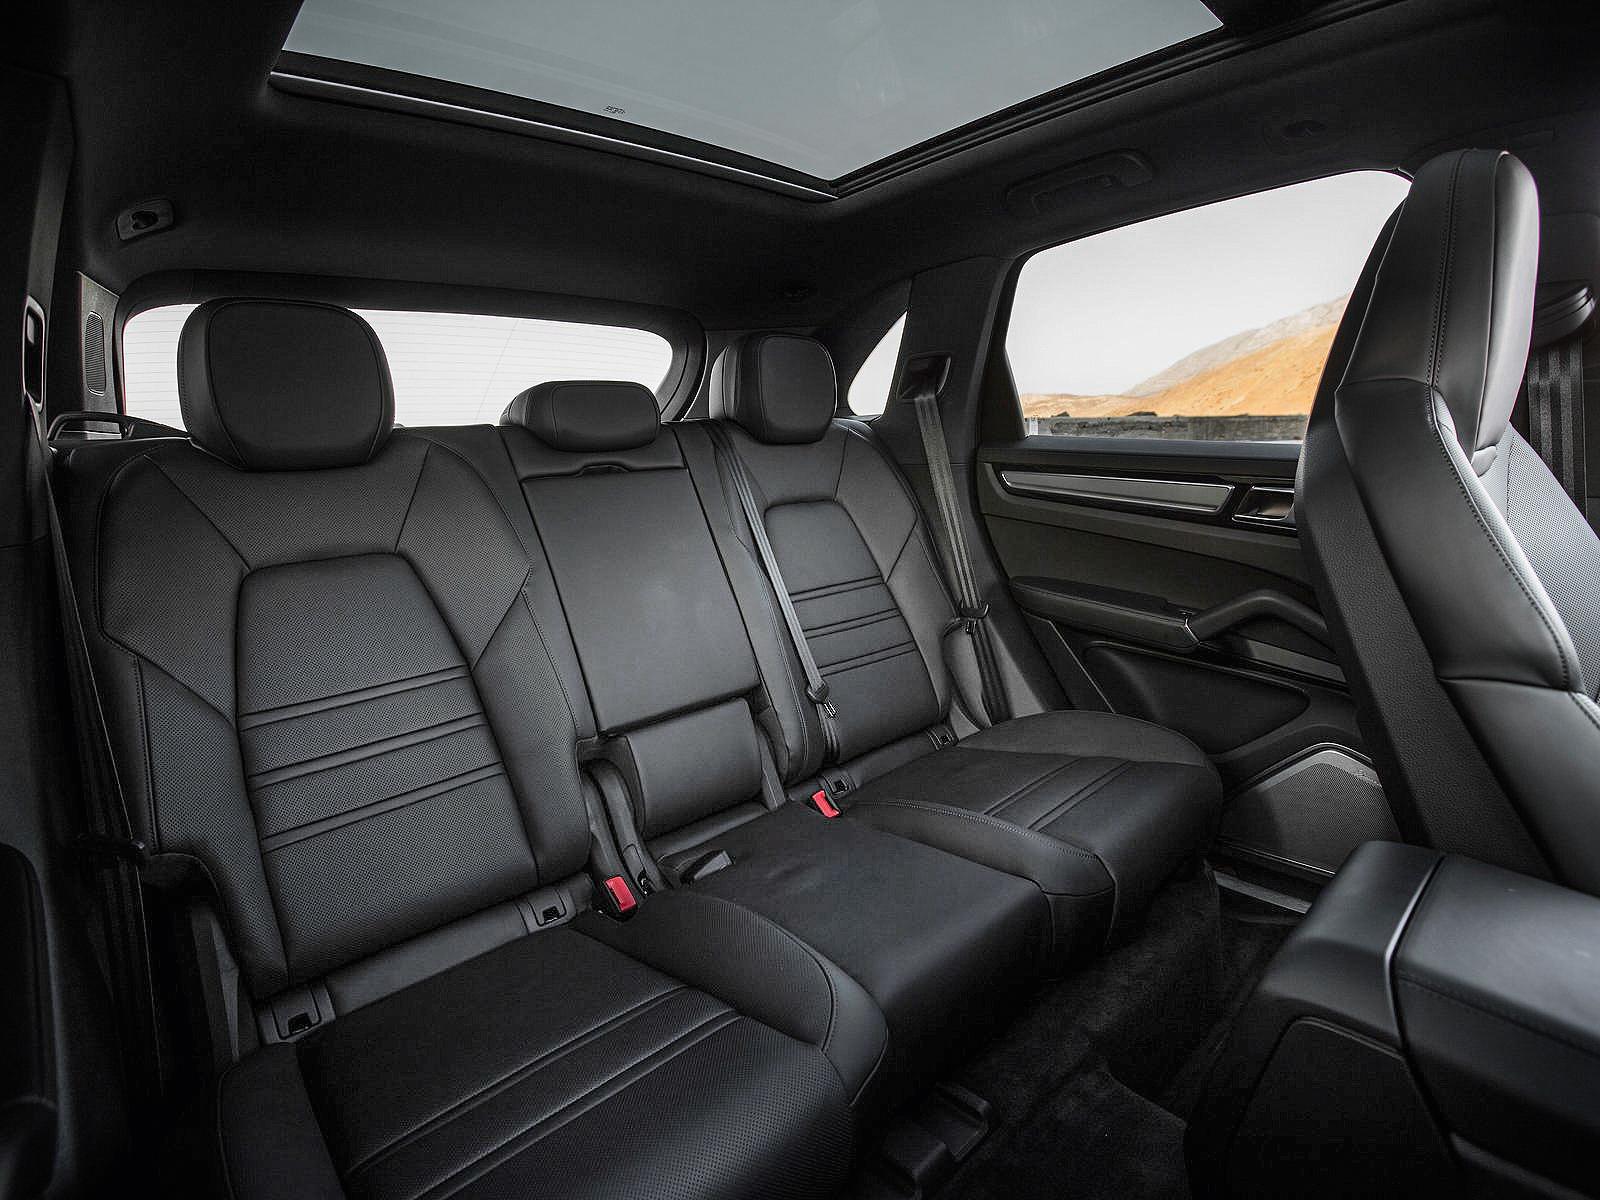 SUV tem qualidade de acabamento na parte interna